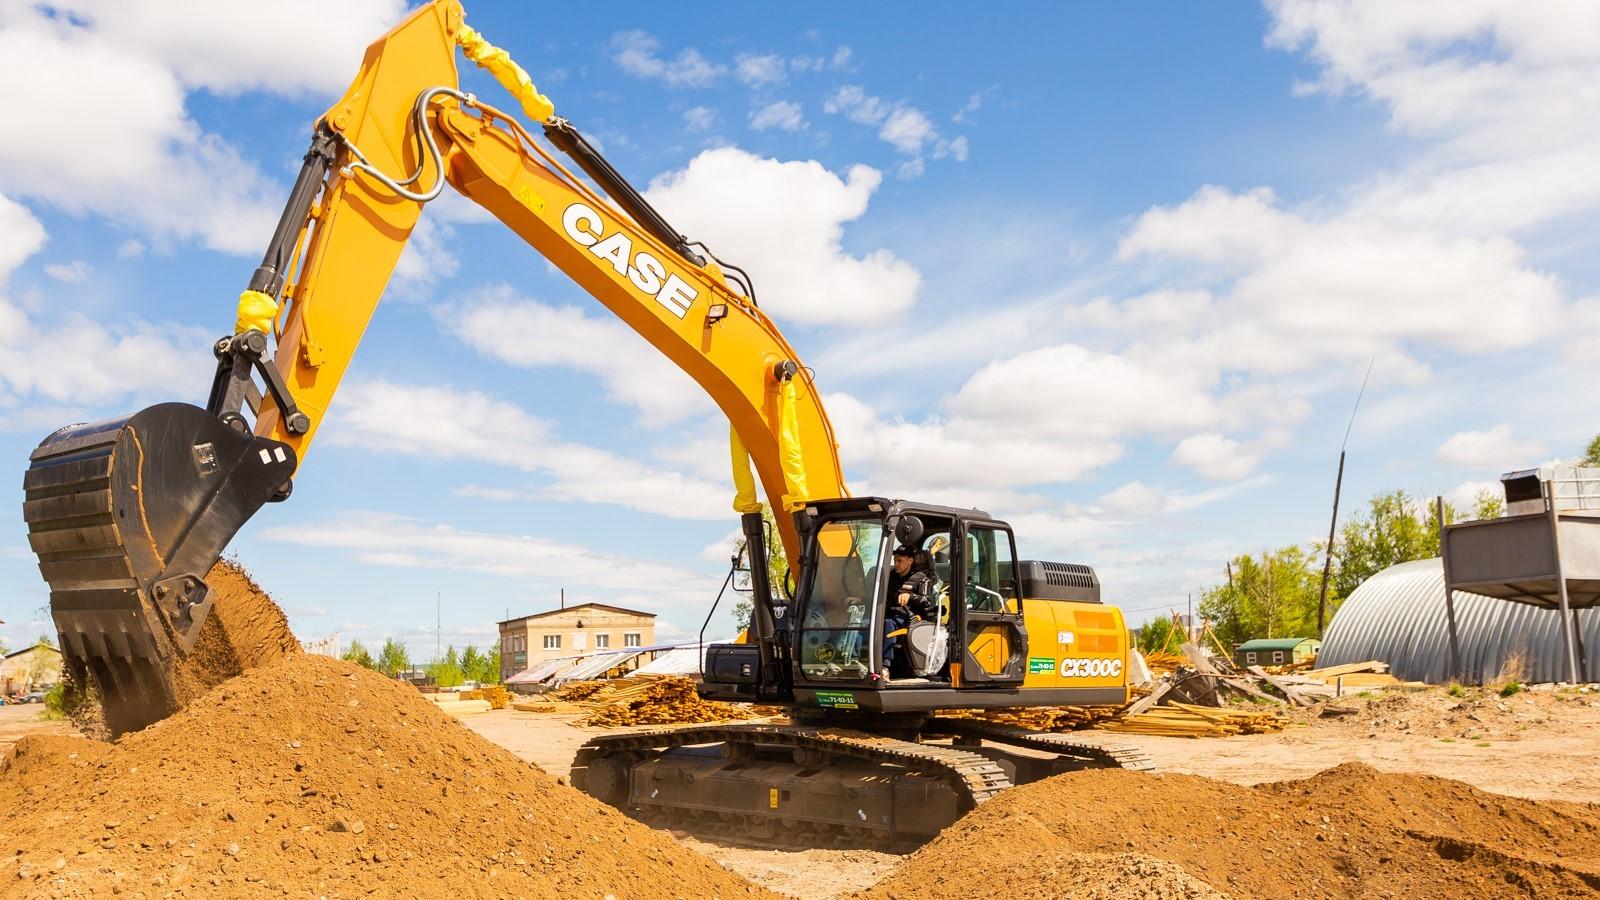 Техника CASE Construction эффективно работает на важнейших объектах Сибири и Дальнего Востока России